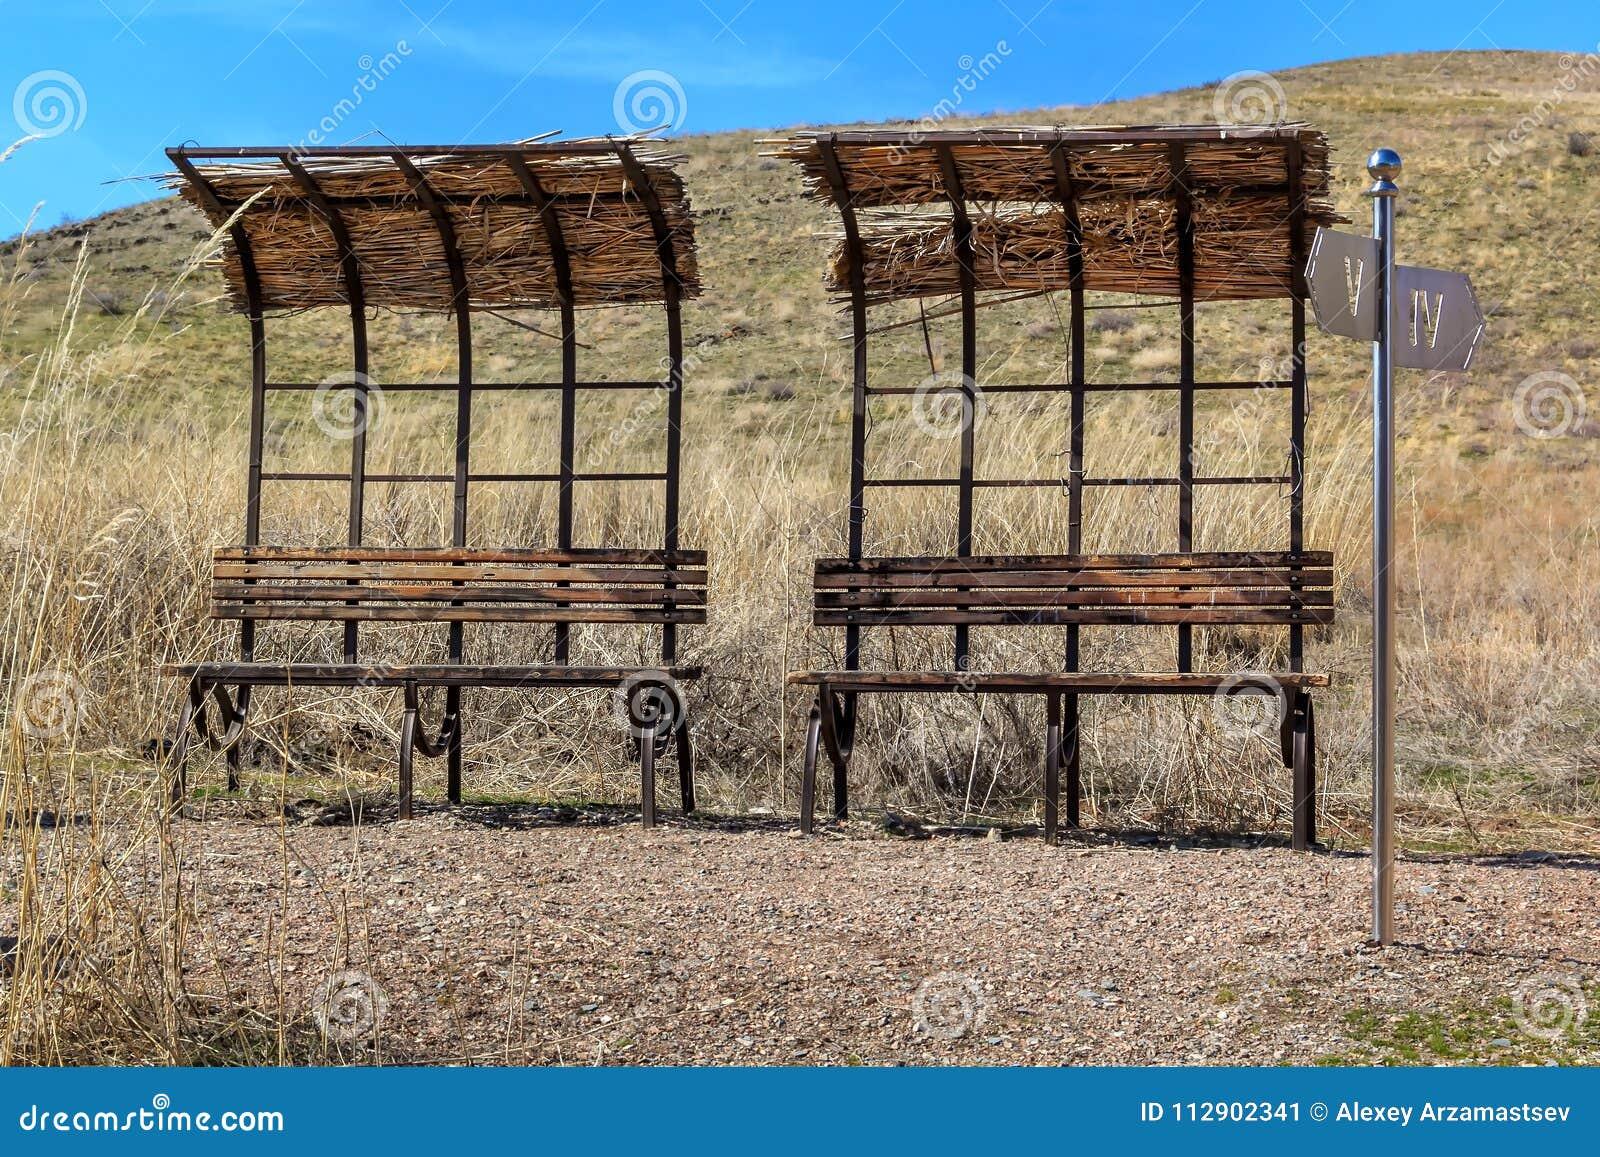 Verlaten bushaltes en dilapidated plaatsen voor recreatie in de wilde steppe